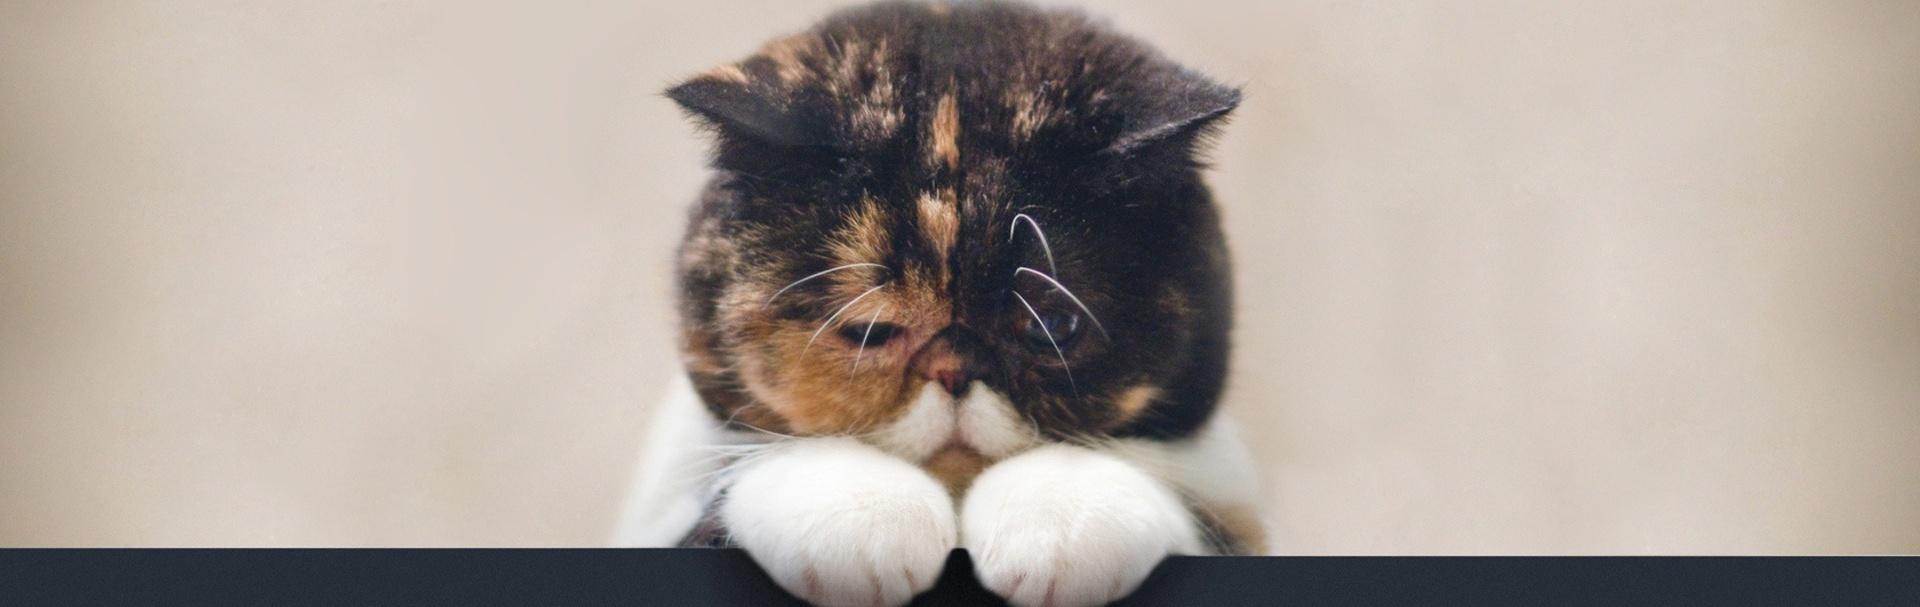 Cum îngrijim pisica după o intervenţie chirurgicală?